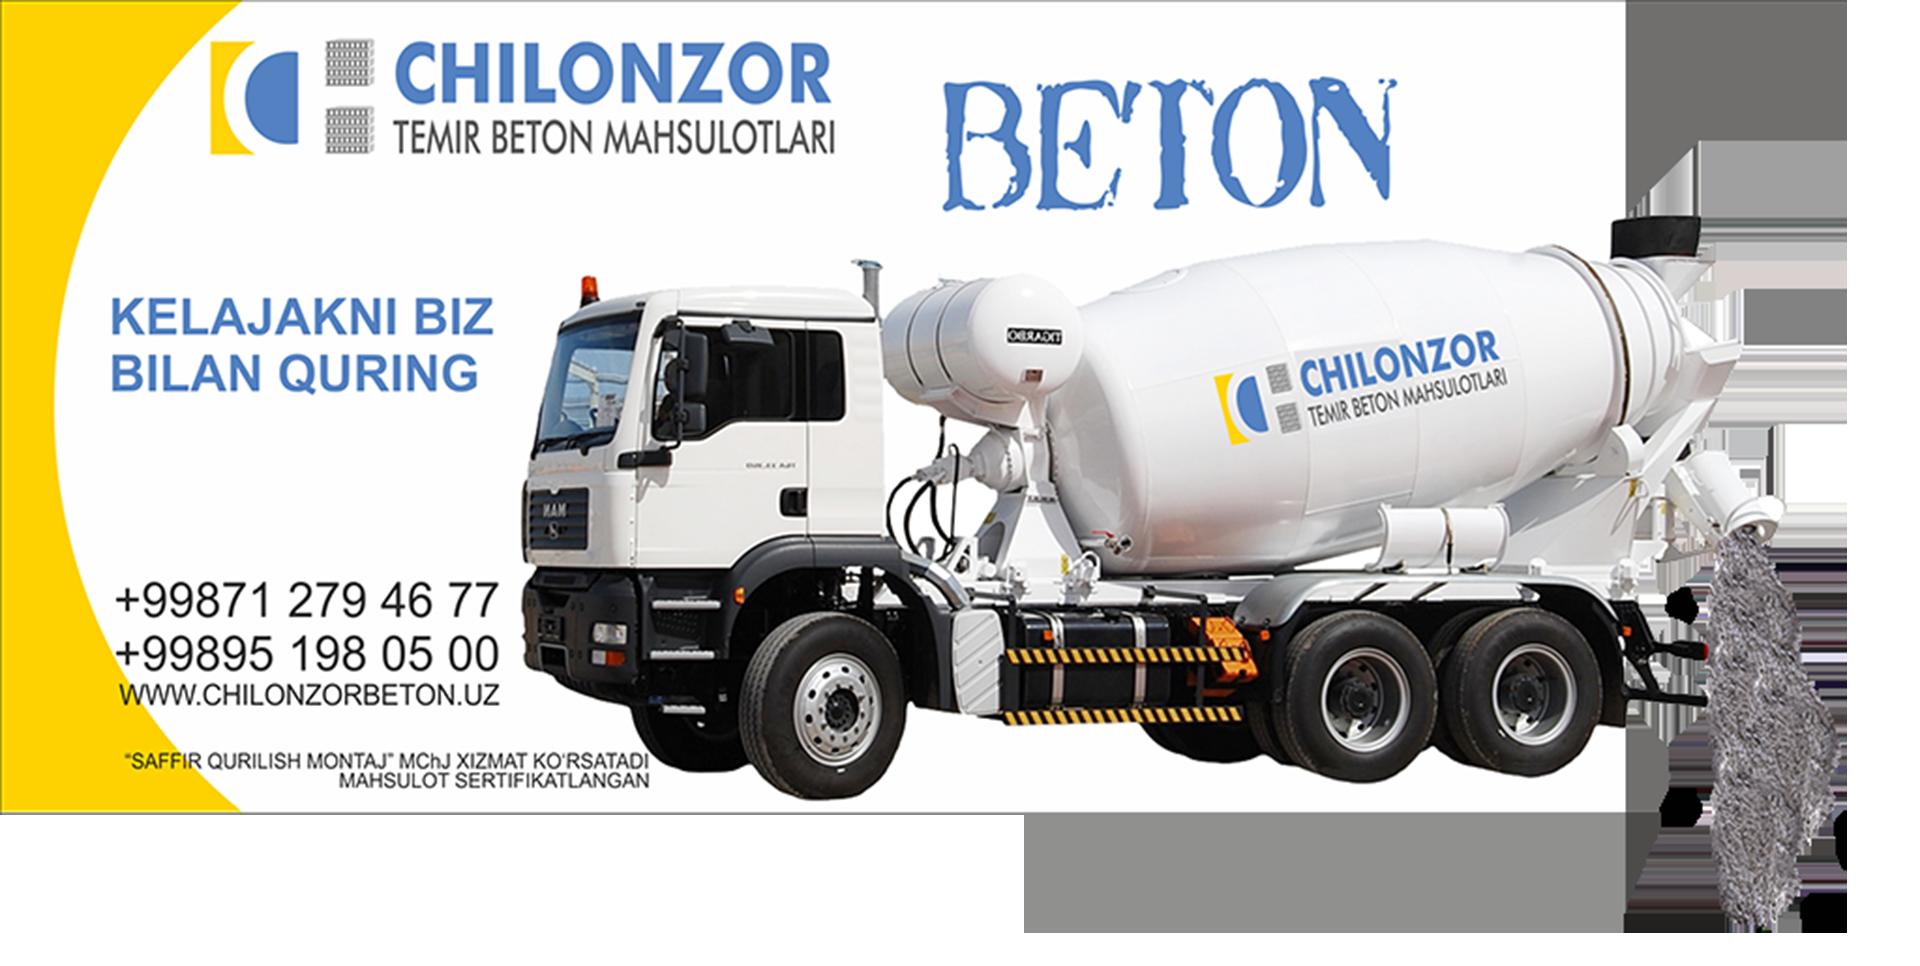 БСУ — Производство бетона в Узбекистане